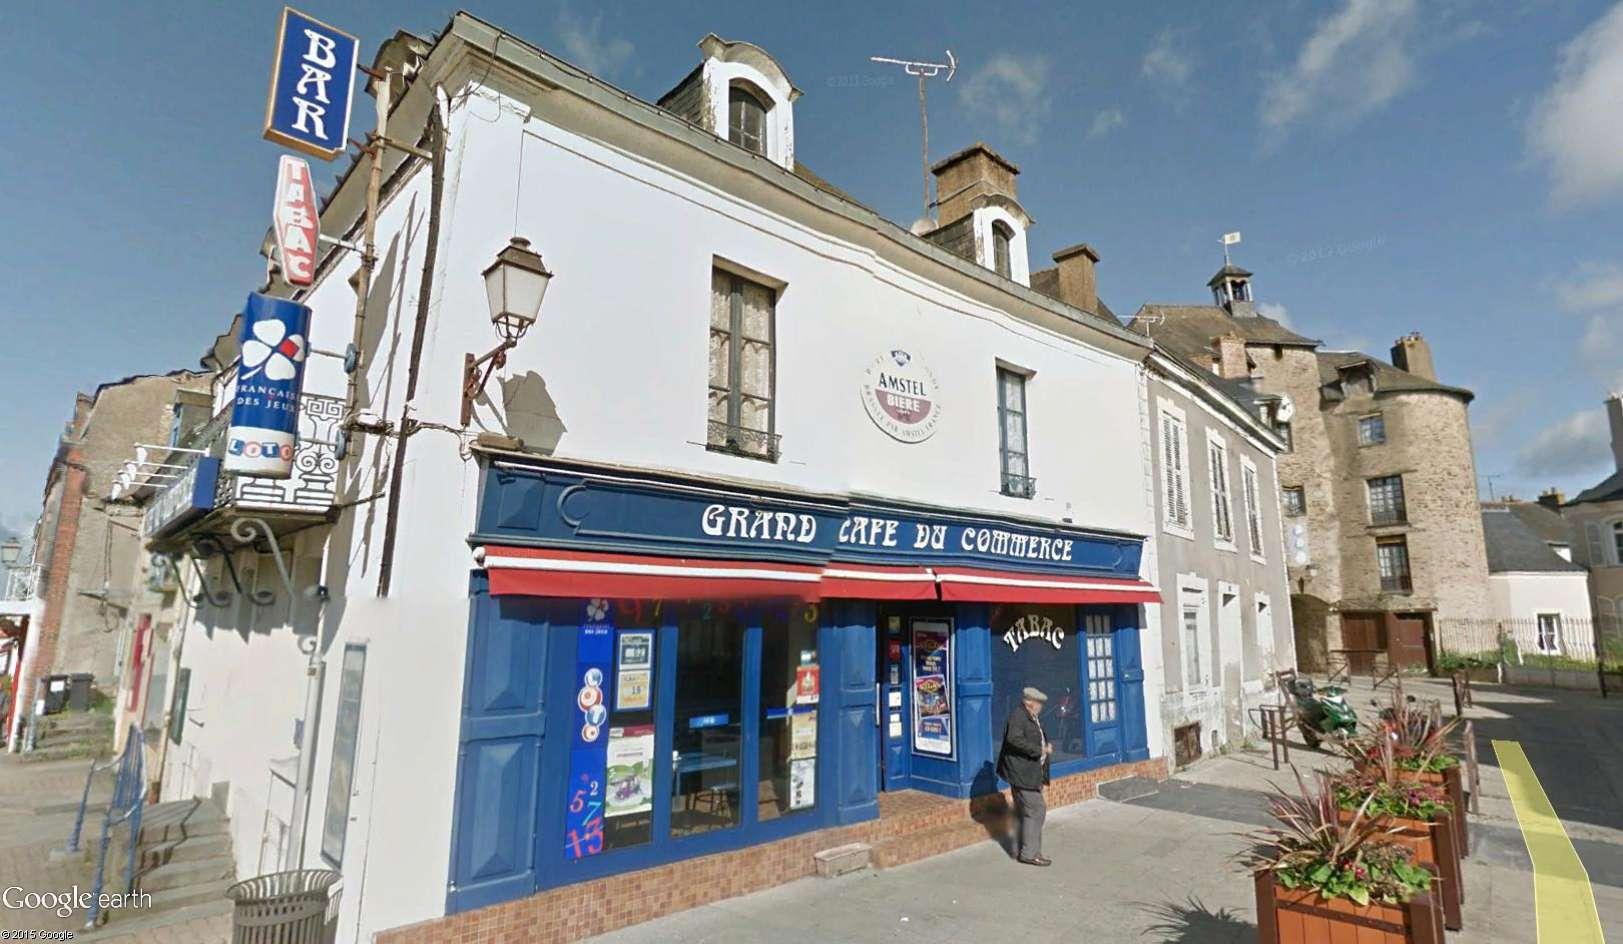 Brasserie du Commerce : à la poursuite d'une institution française - Page 2 Pouanc10